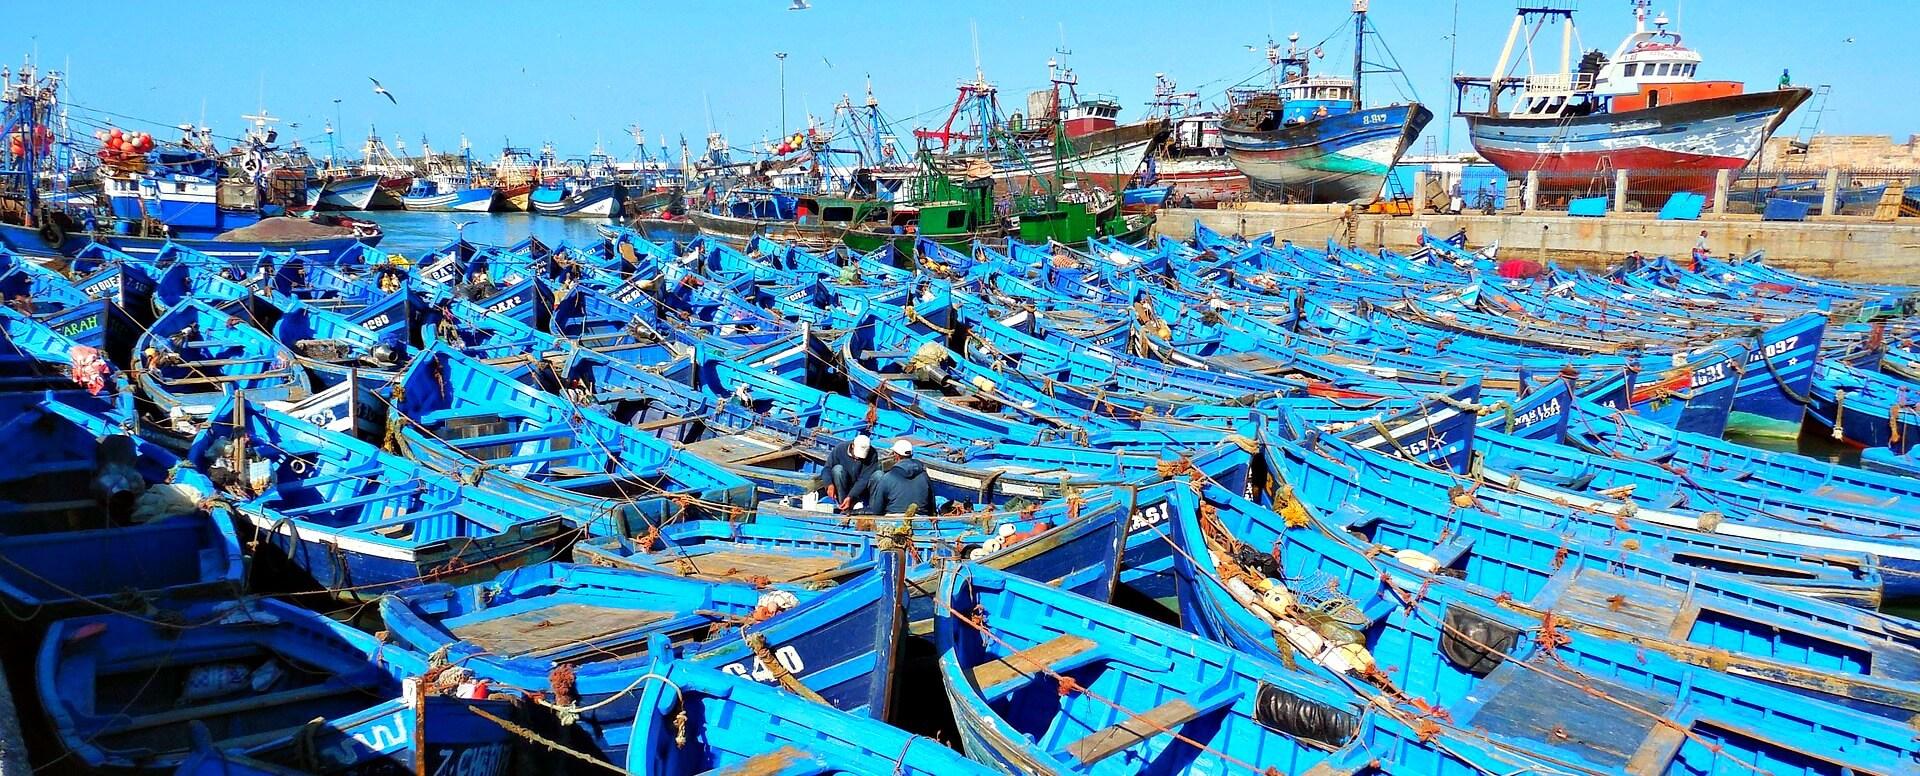 4. Explorer le marché de pêche et le port - Essaouira